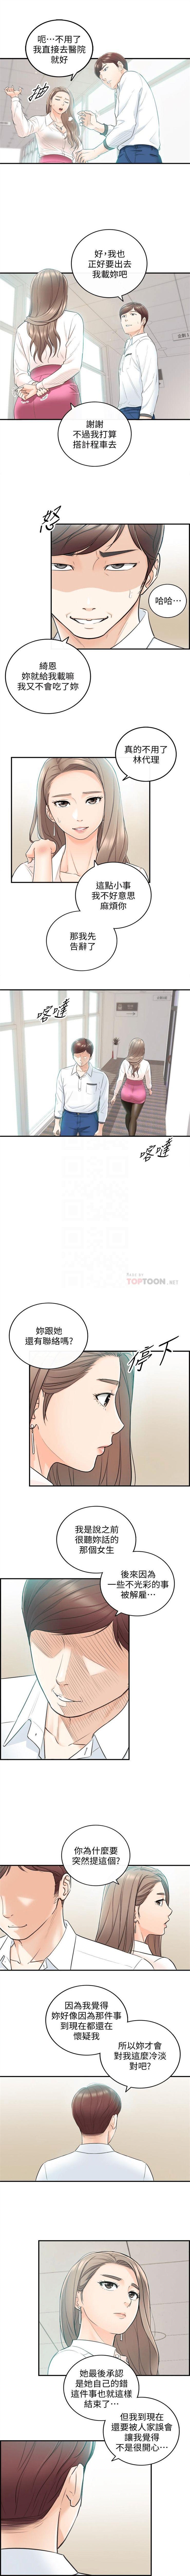 (周5)正妹小主管 1-26 中文翻译(更新中) 104